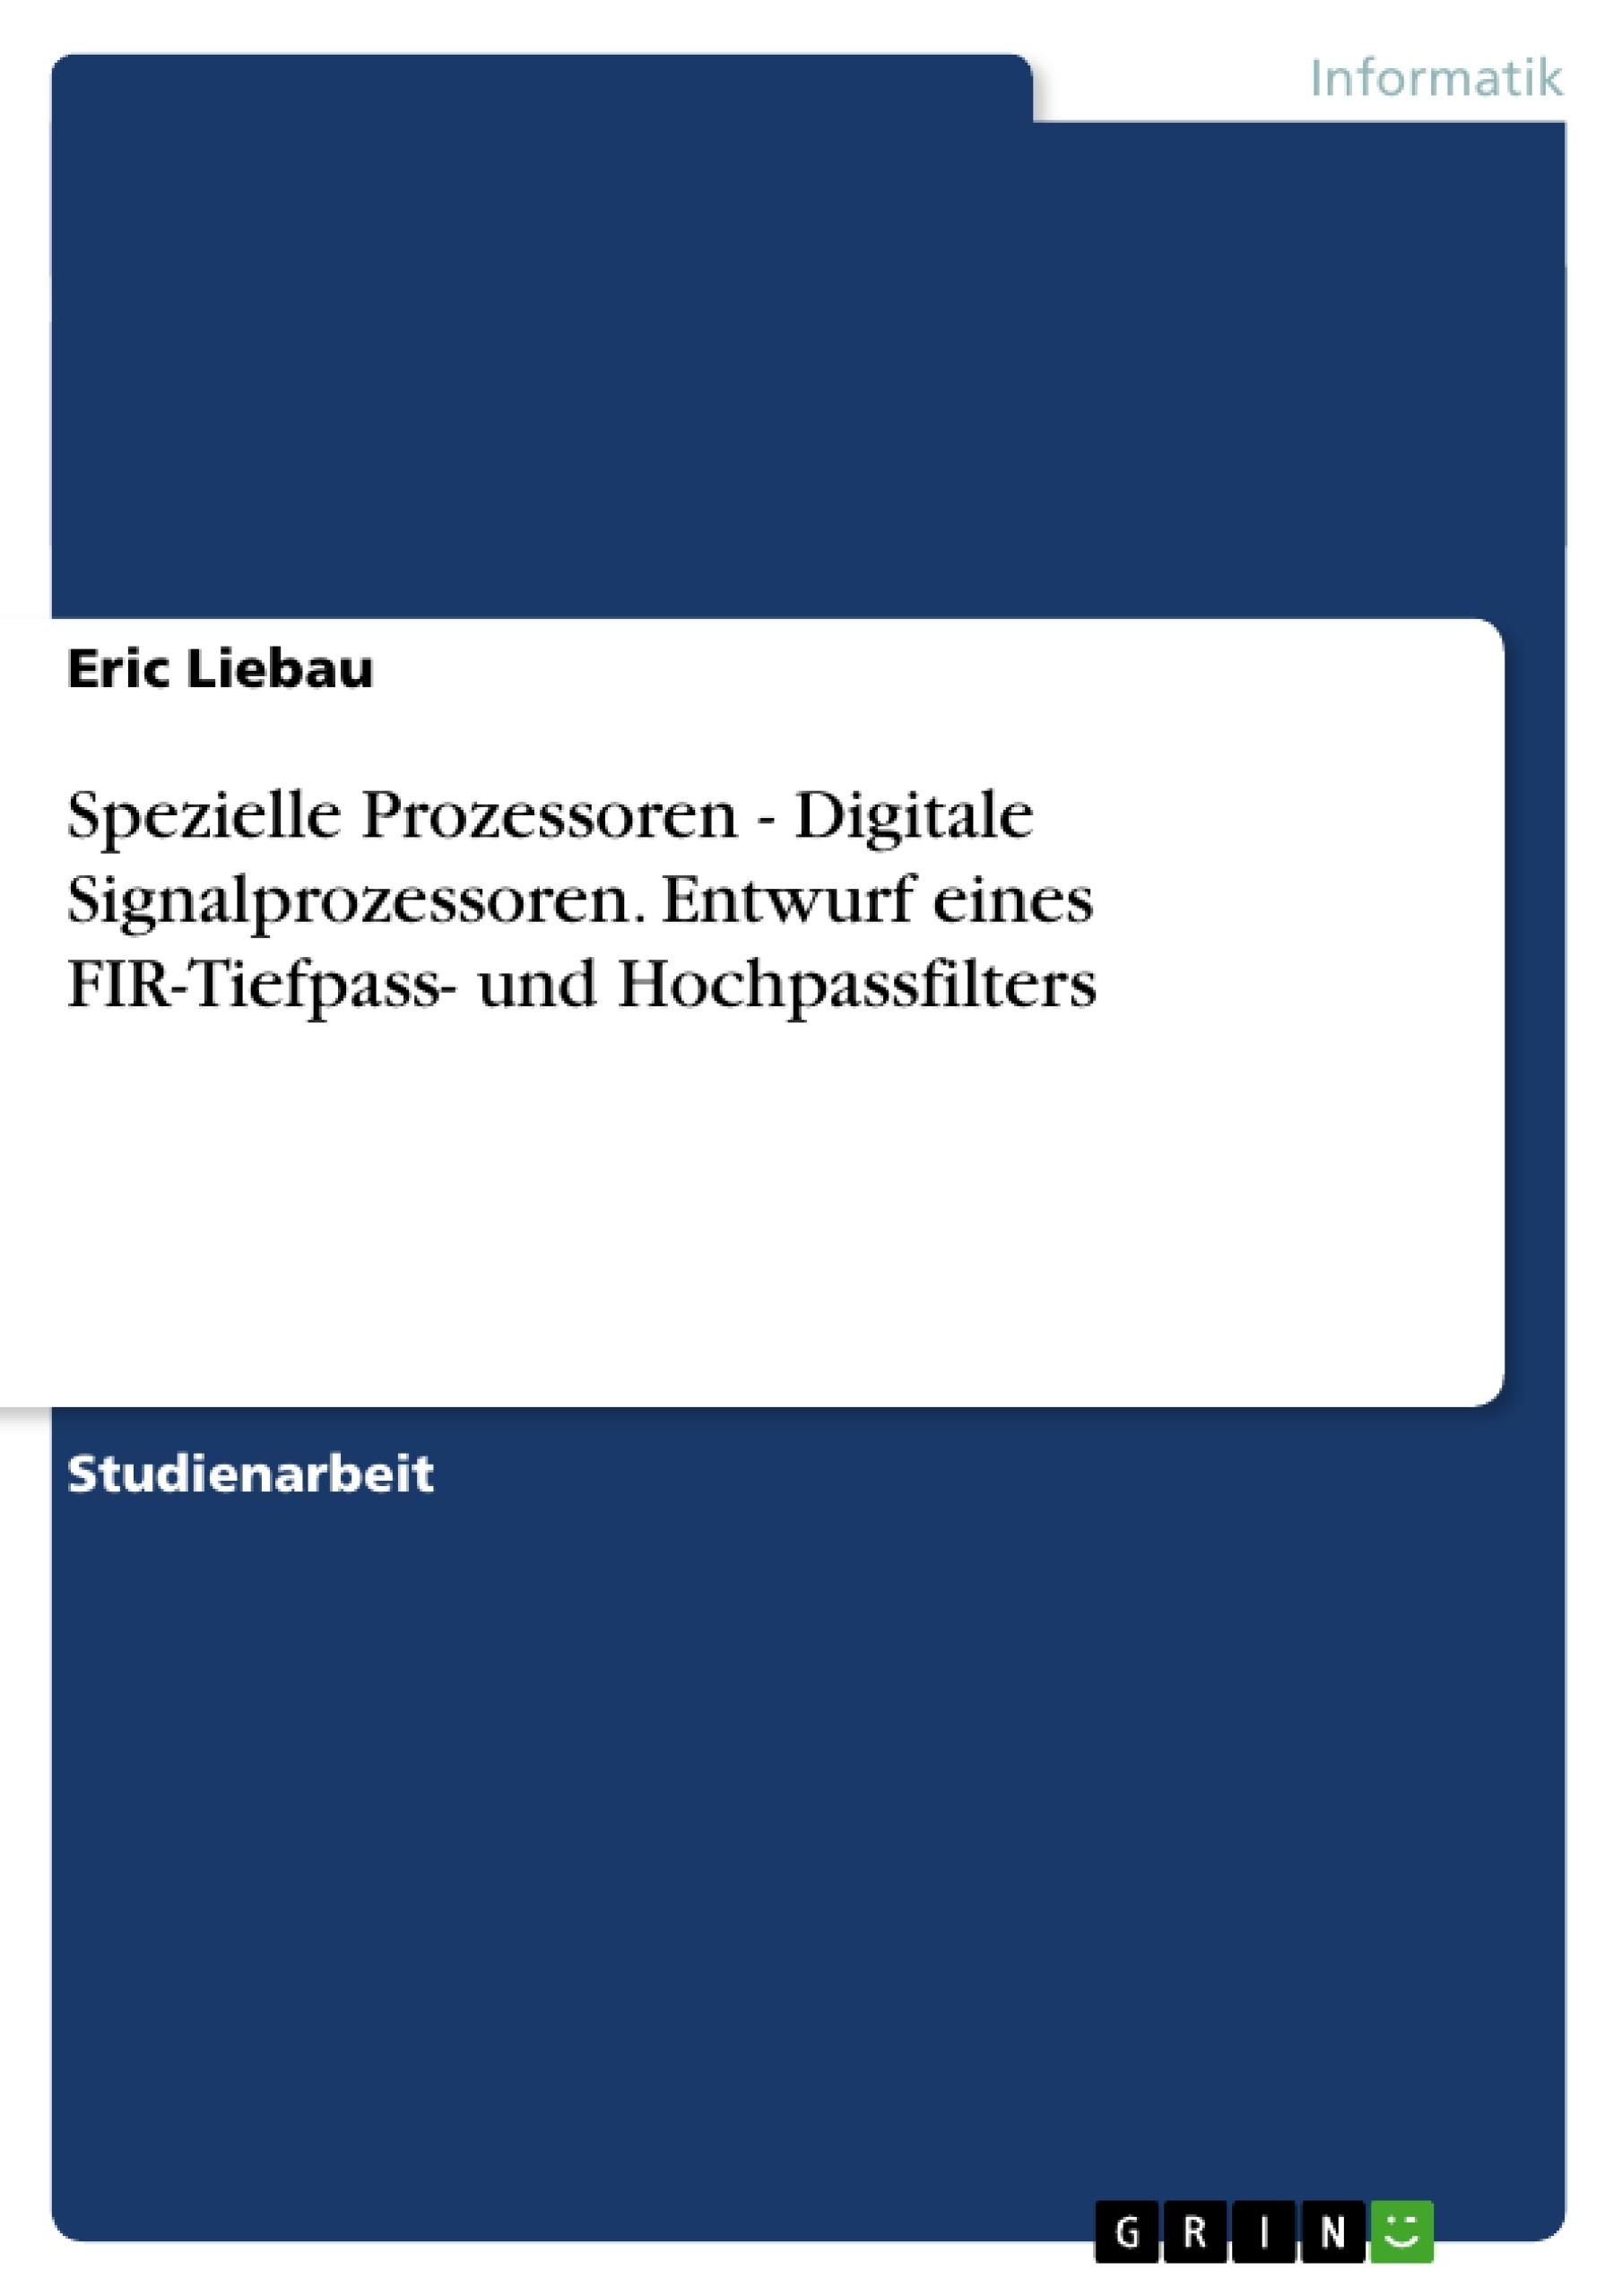 Titel: Spezielle Prozessoren - Digitale Signalprozessoren. Entwurf eines FIR-Tiefpass- und Hochpassfilters